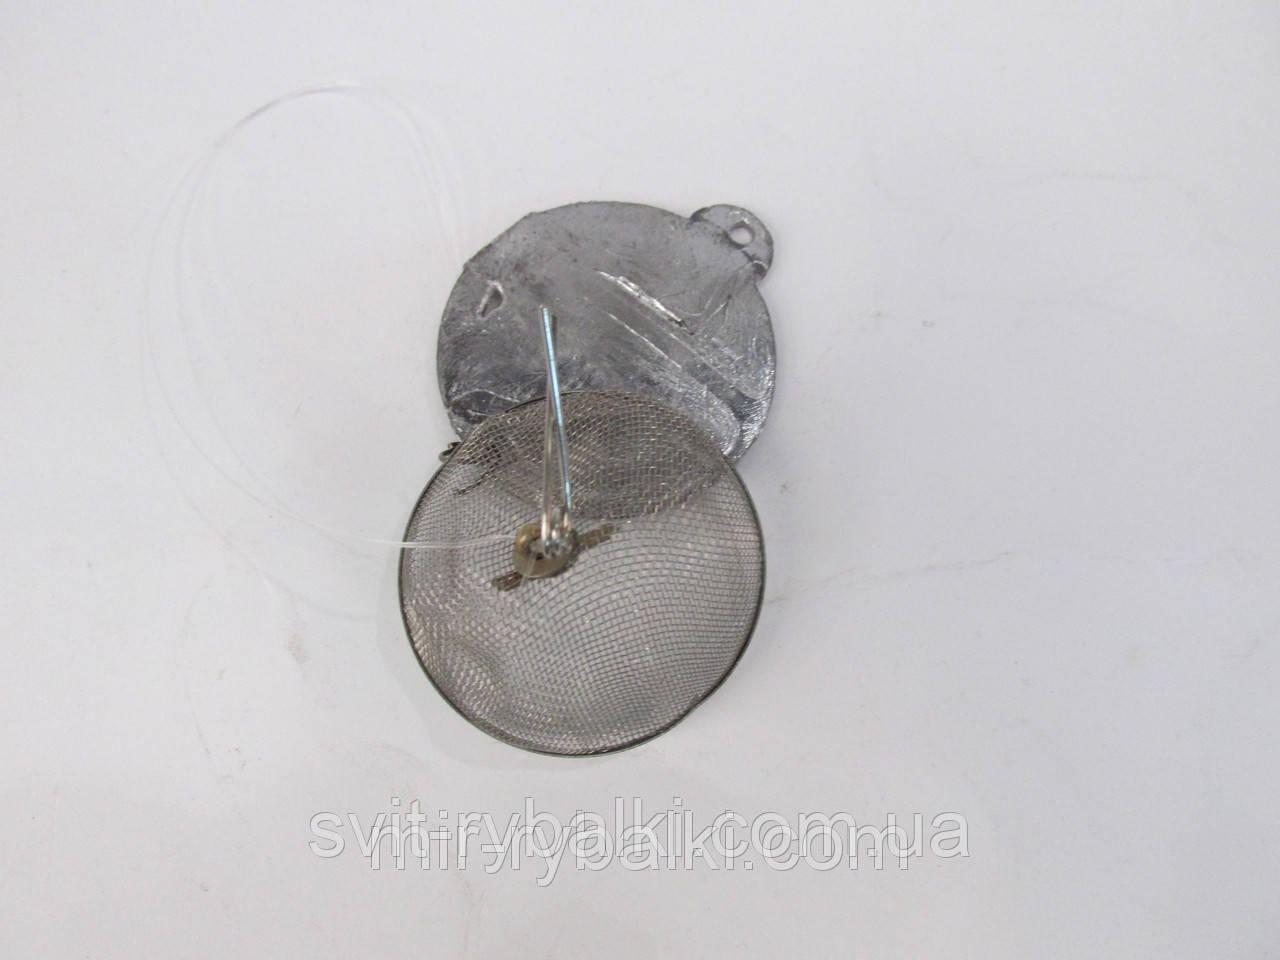 Кормушка малая для мотыля